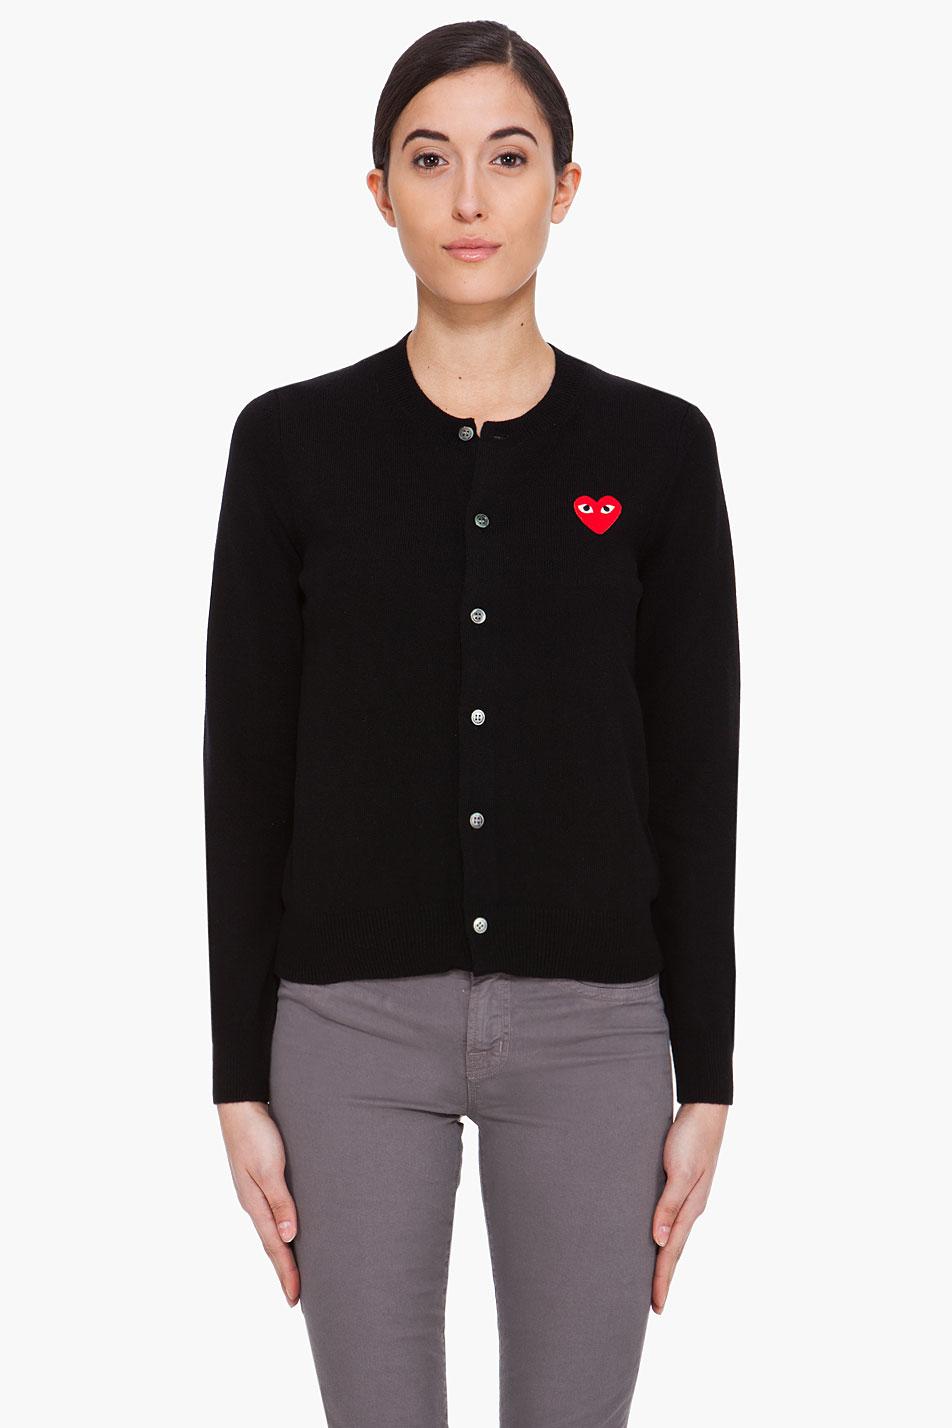 play comme des gar ons black heart emblem cardigan in black lyst. Black Bedroom Furniture Sets. Home Design Ideas